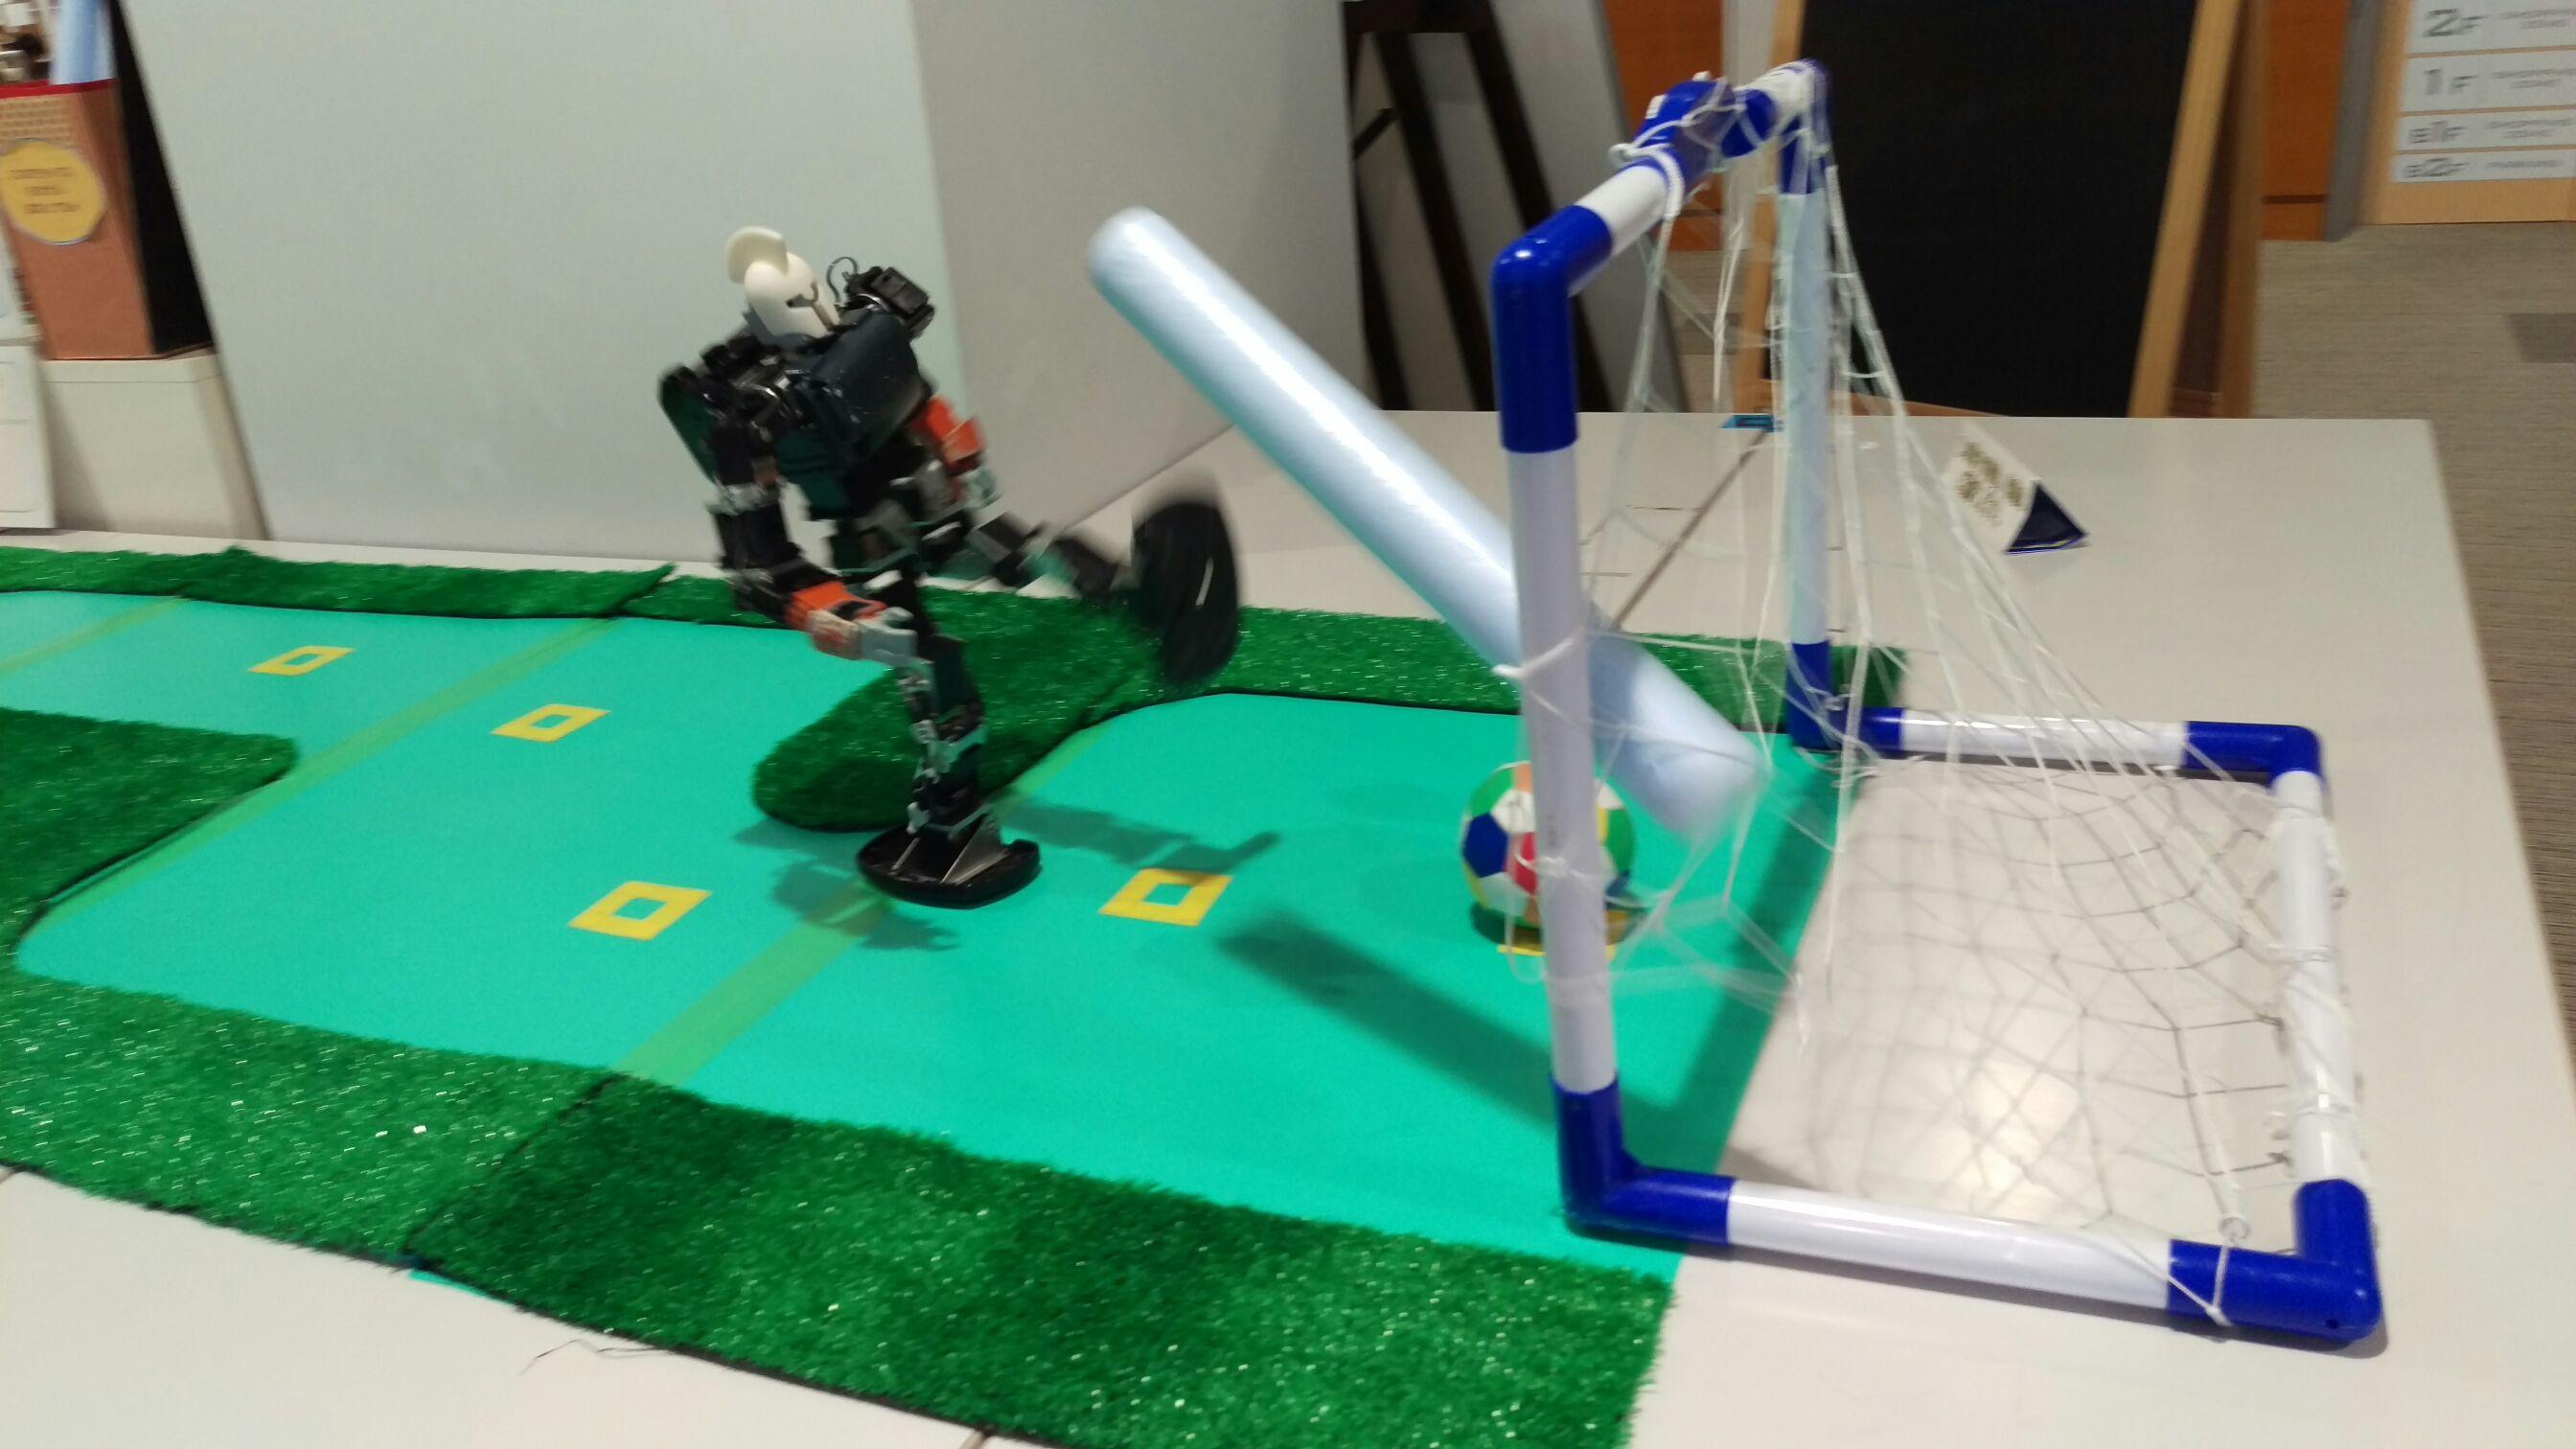 ゴールにシュートを決めろ!<br> ロボットサッカー・バスケ体験操縦